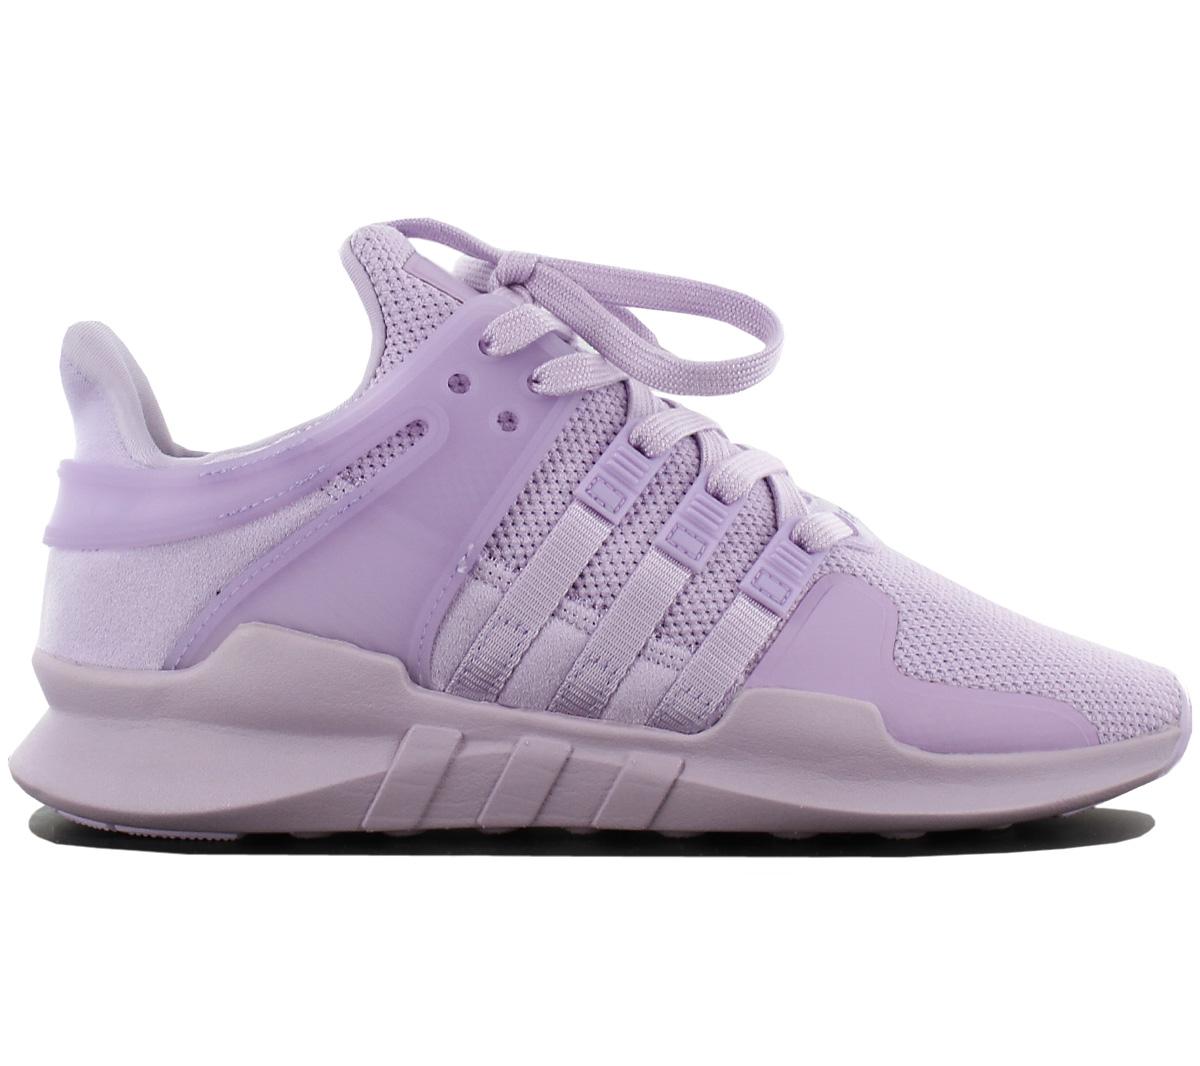 613d50b52e86 Adidas Originals Eqt Equipment Support Adv W Ladies Sneaker Shoes ...